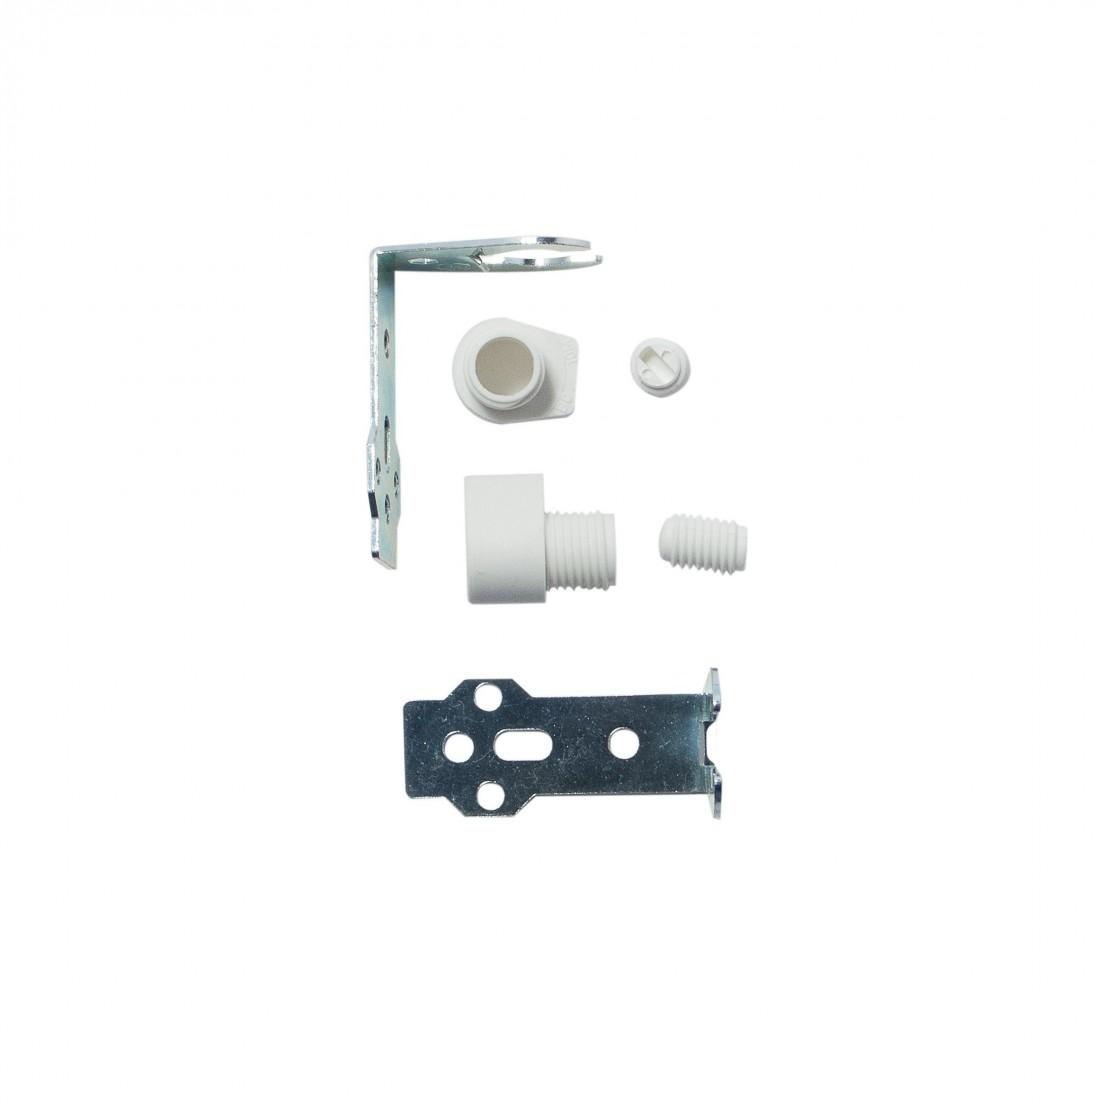 Esquadro branco para casquilho E14 (2 pçs.)